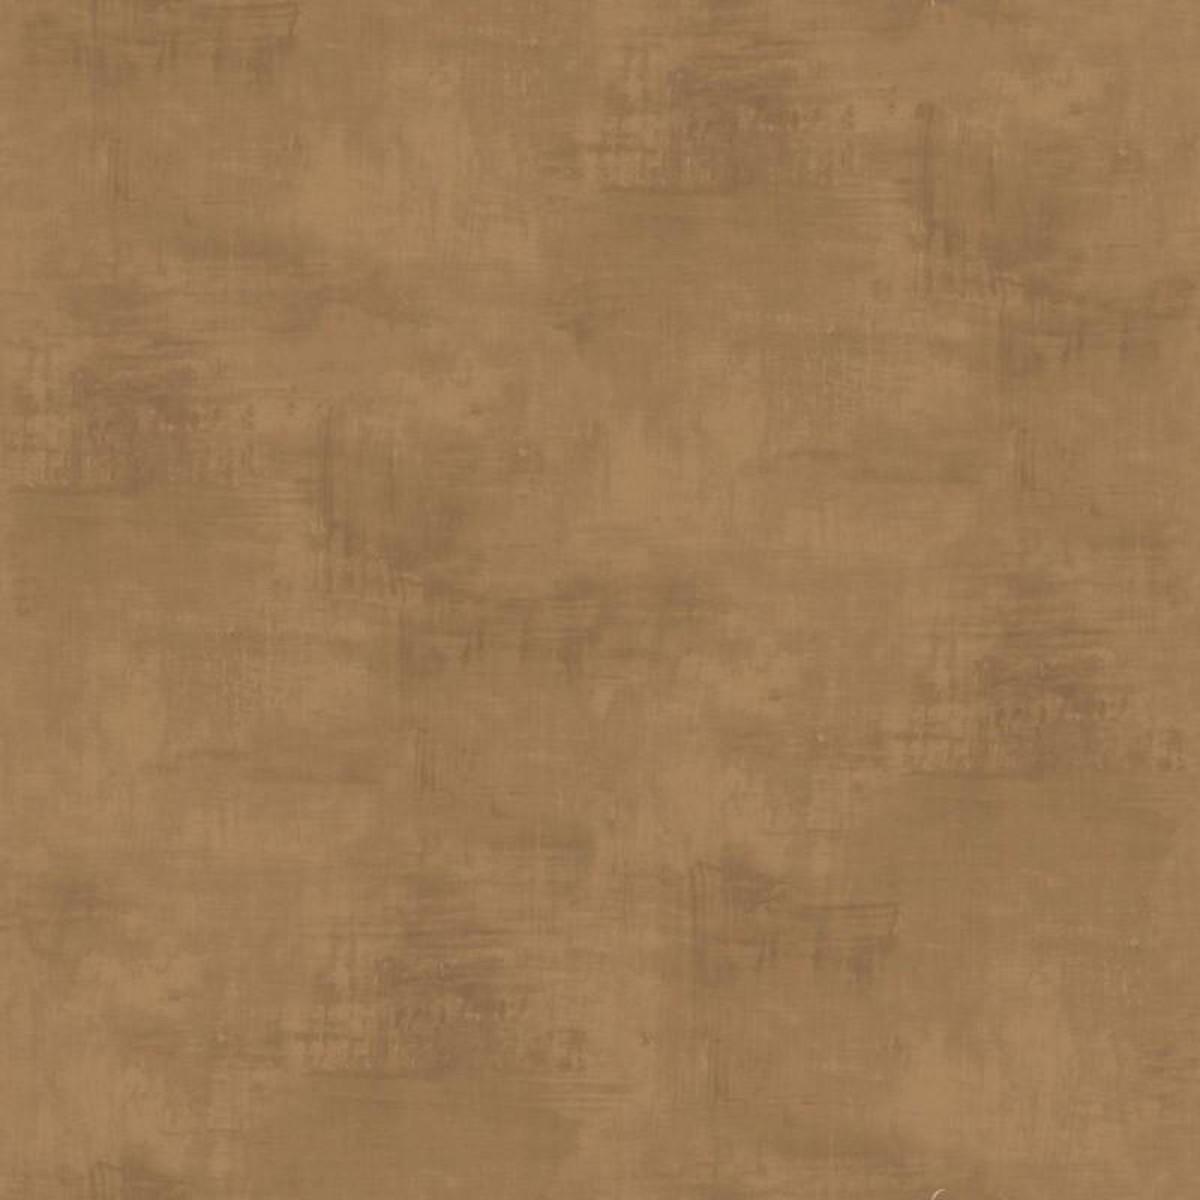 Обои флизелиновые Decoprint Arcadia коричневые 0.53 м AC18509